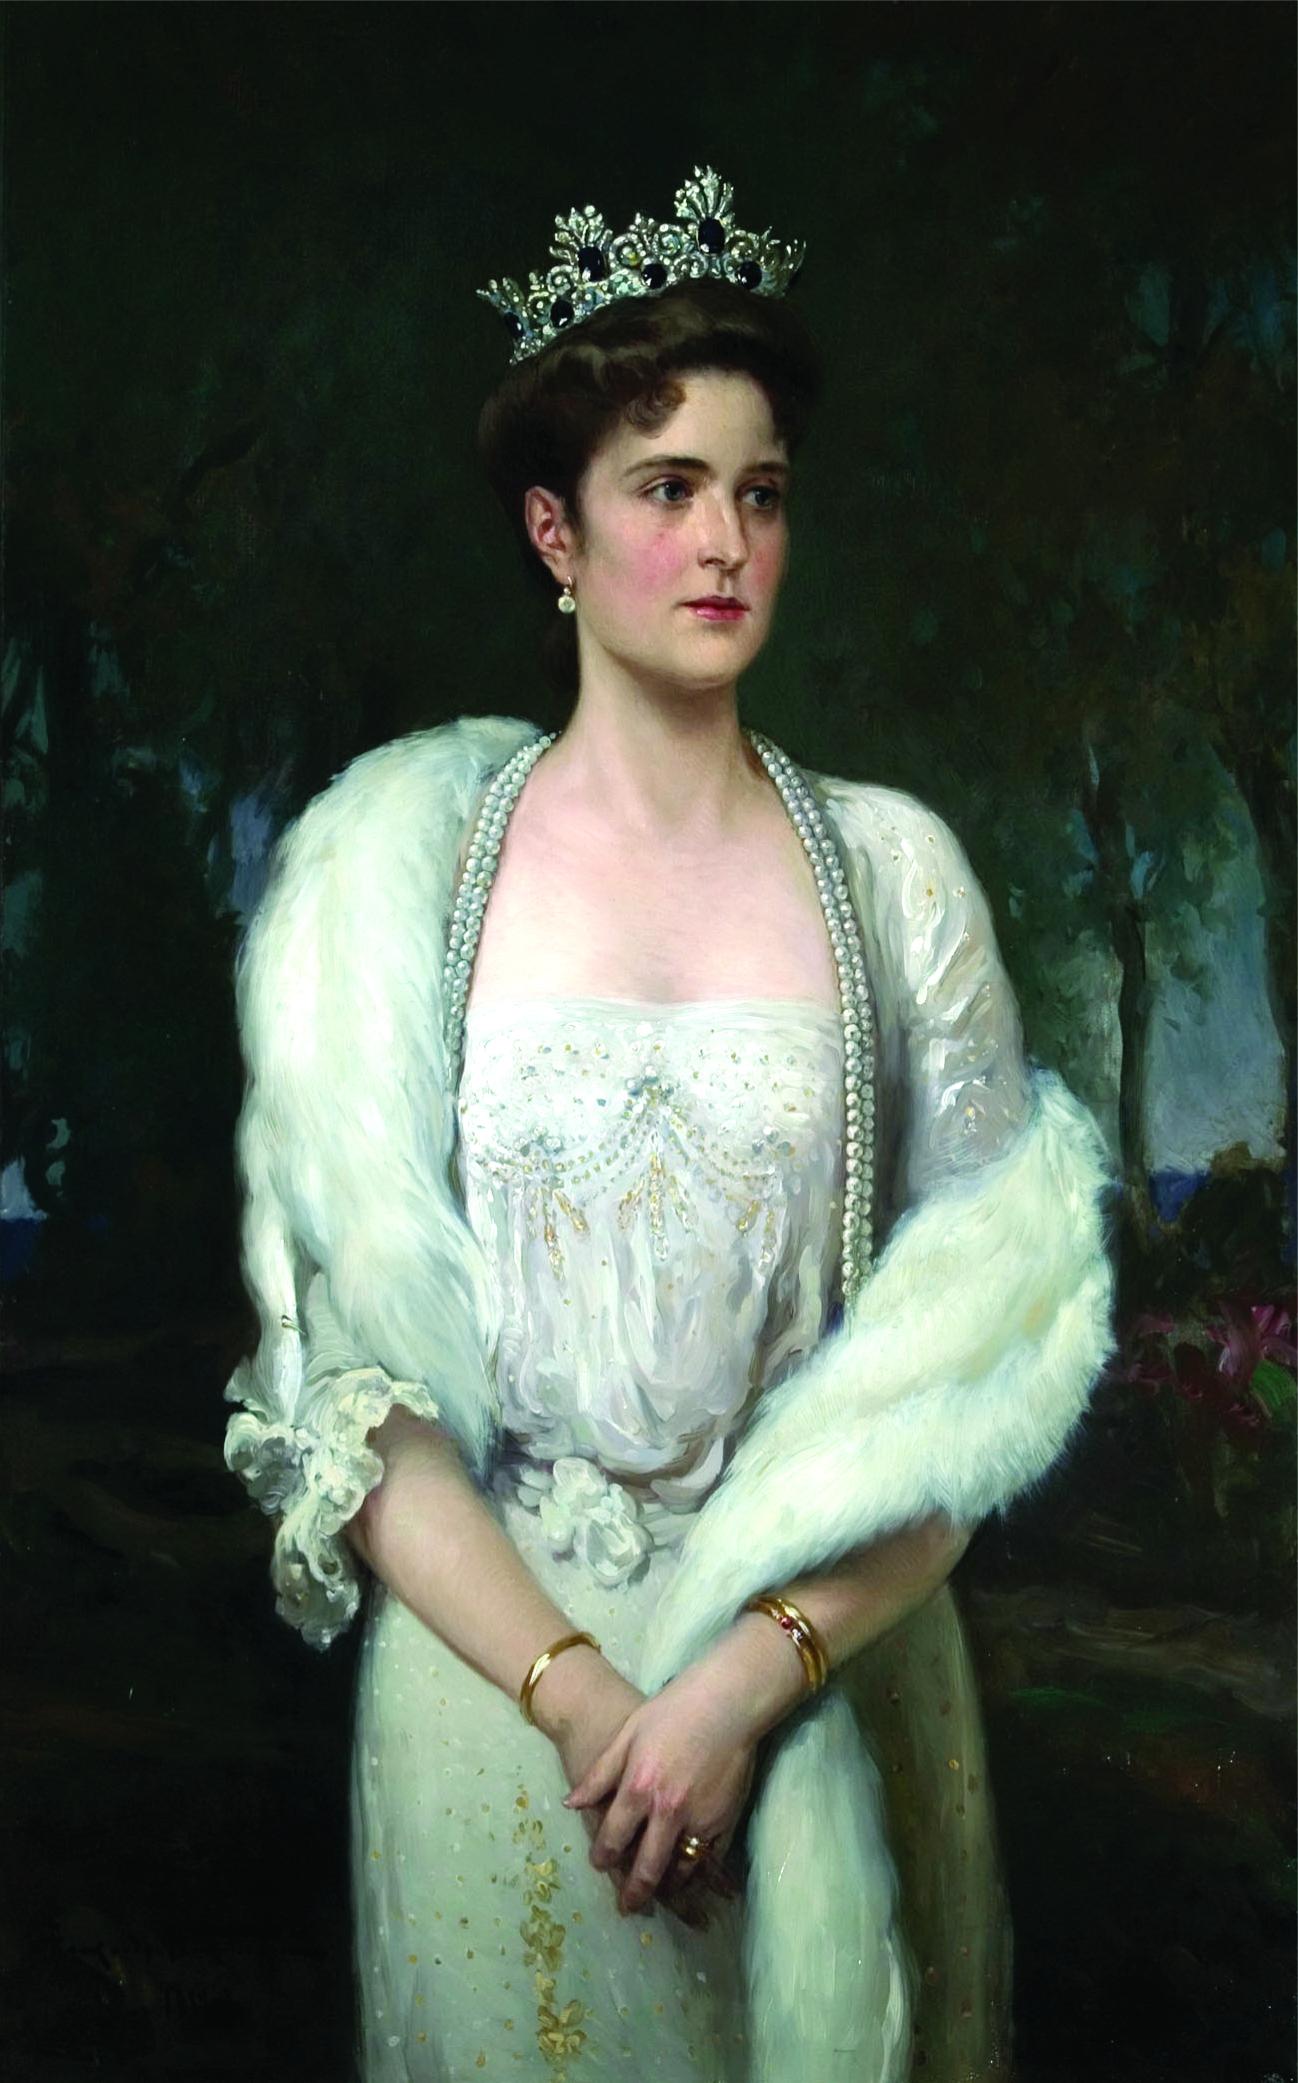 Russian Bride Her Portrait Get 93